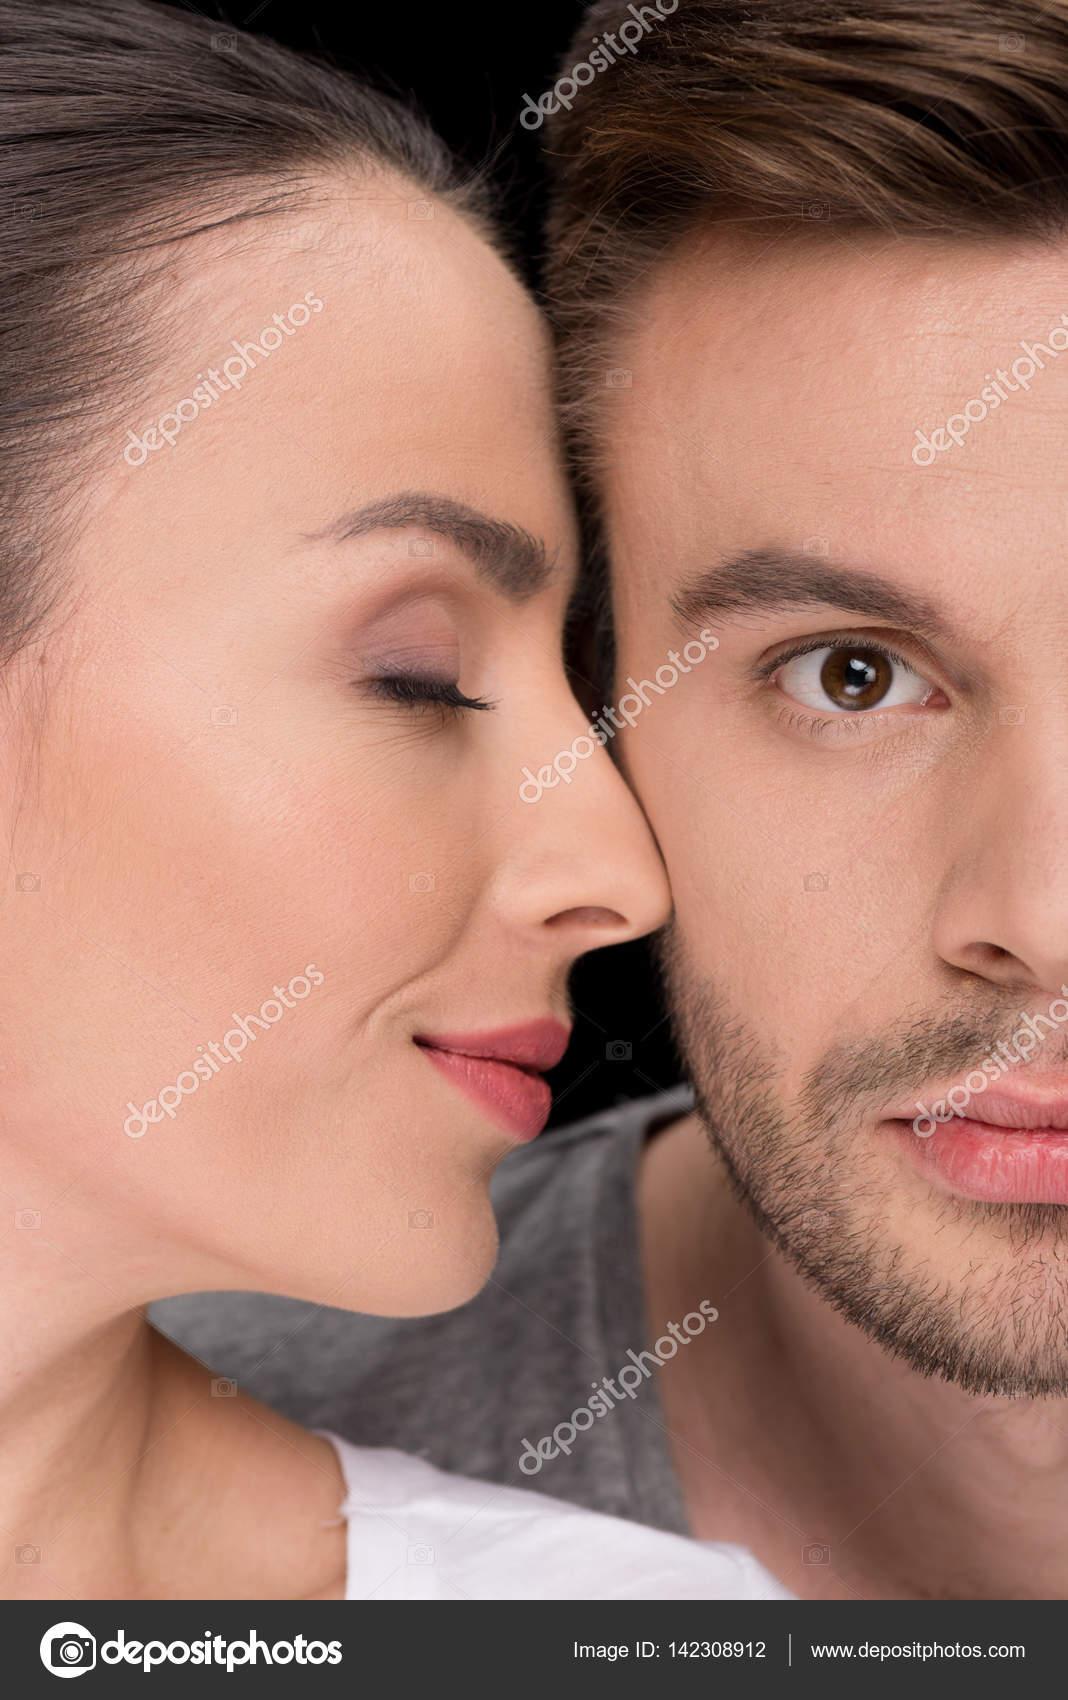 Imágenes Caras Bonitas Hombres Caras De Mujer Y Hombre Foto De